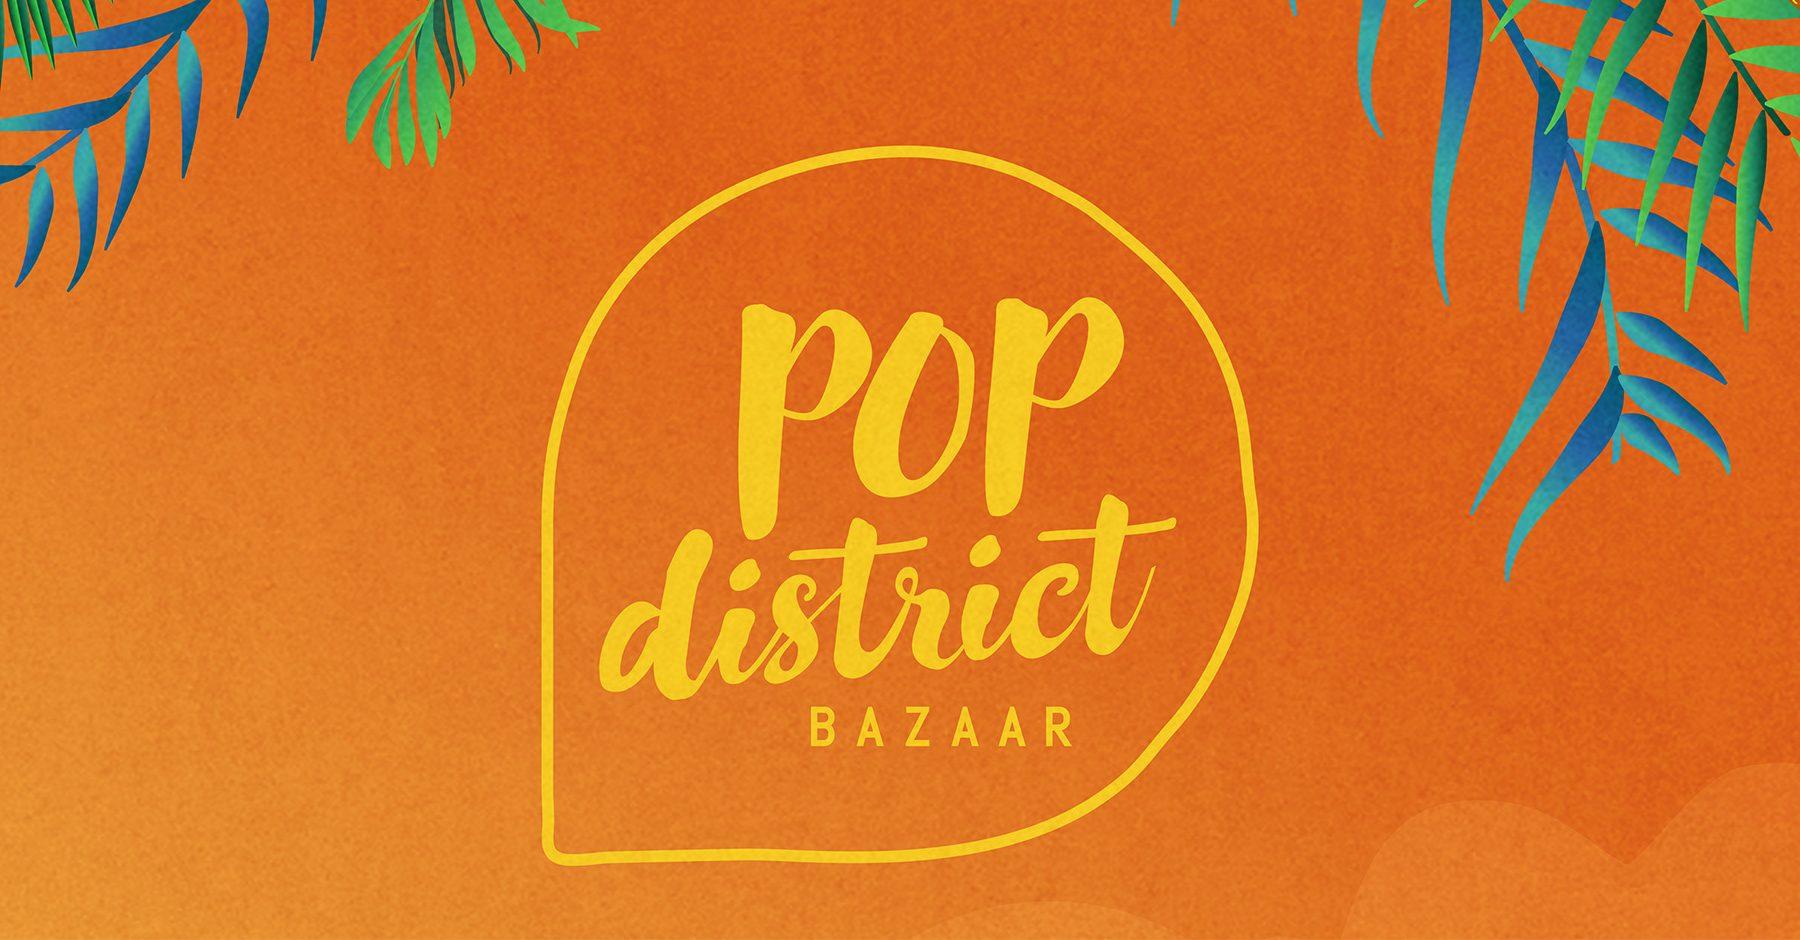 Pop District Bazaar